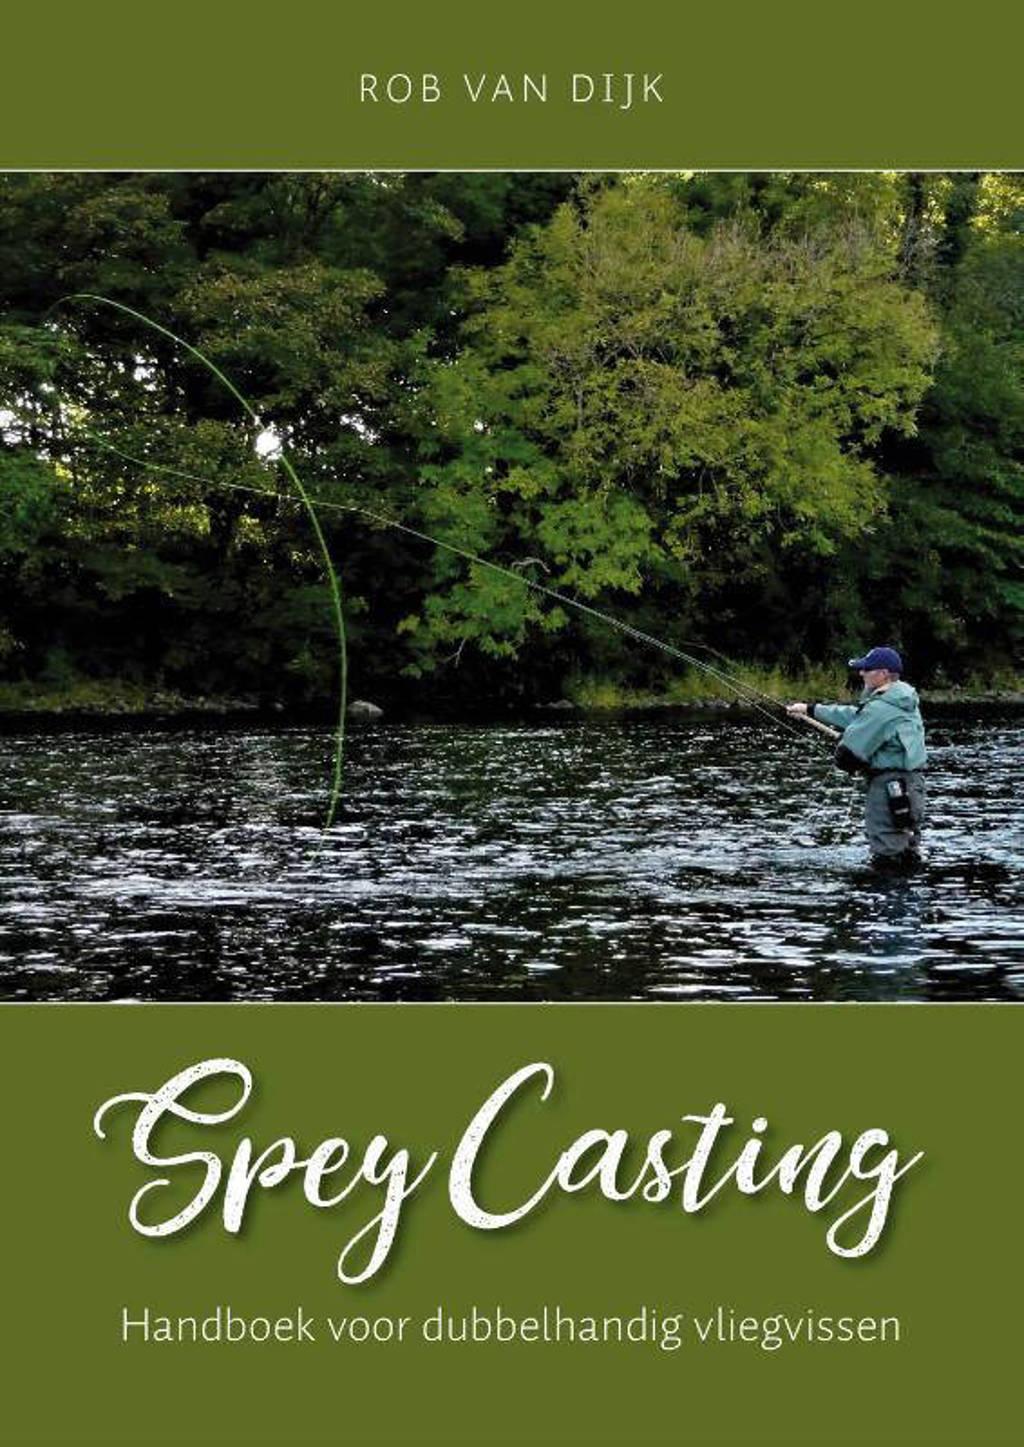 Spey Casting - Rob van Dijk